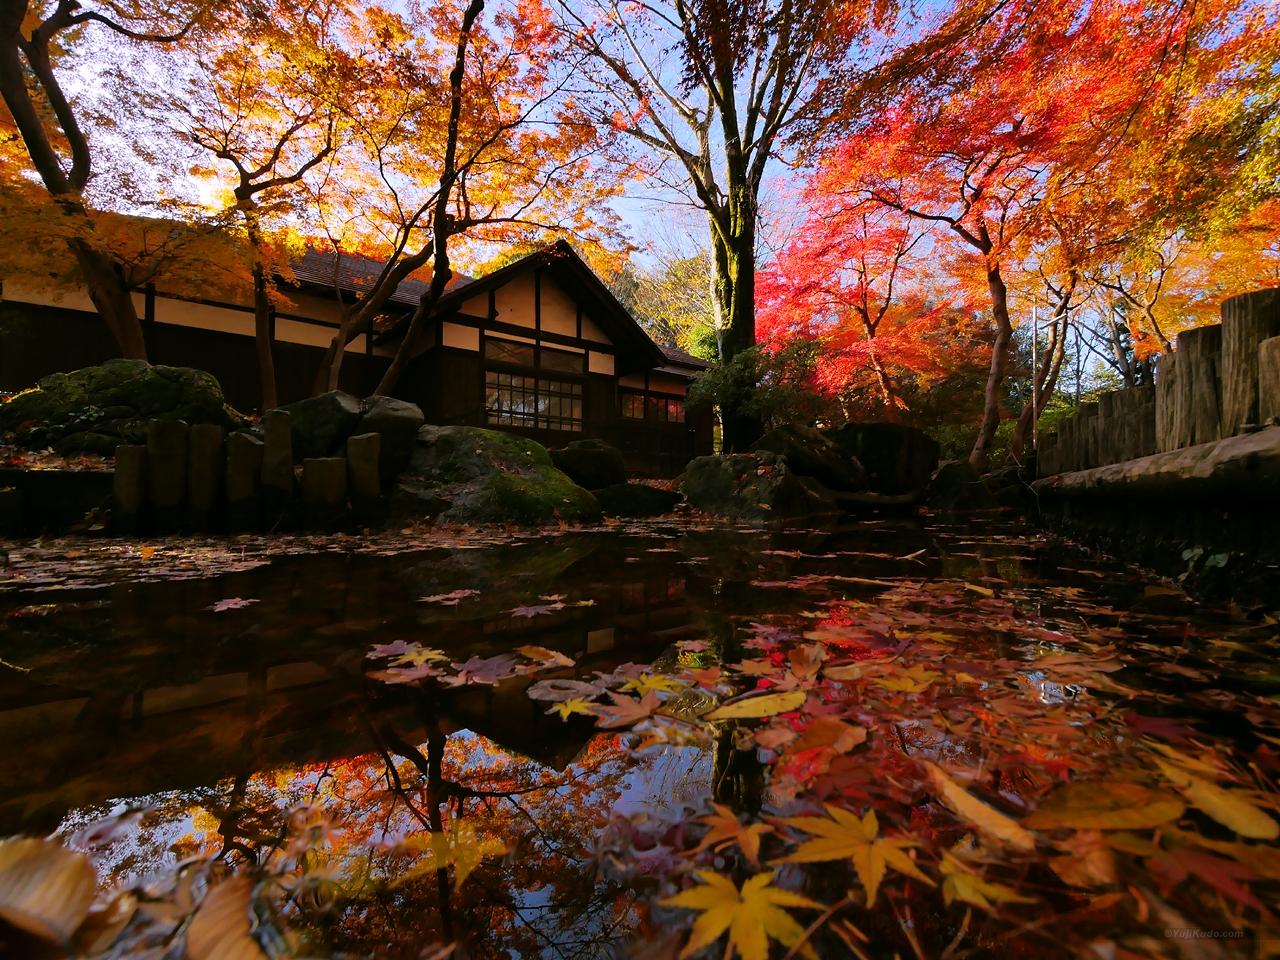 雨上がりの紅葉(浴恩館公園)(むさこくらぶ(2016年11月号(vol.113))今月の表紙)